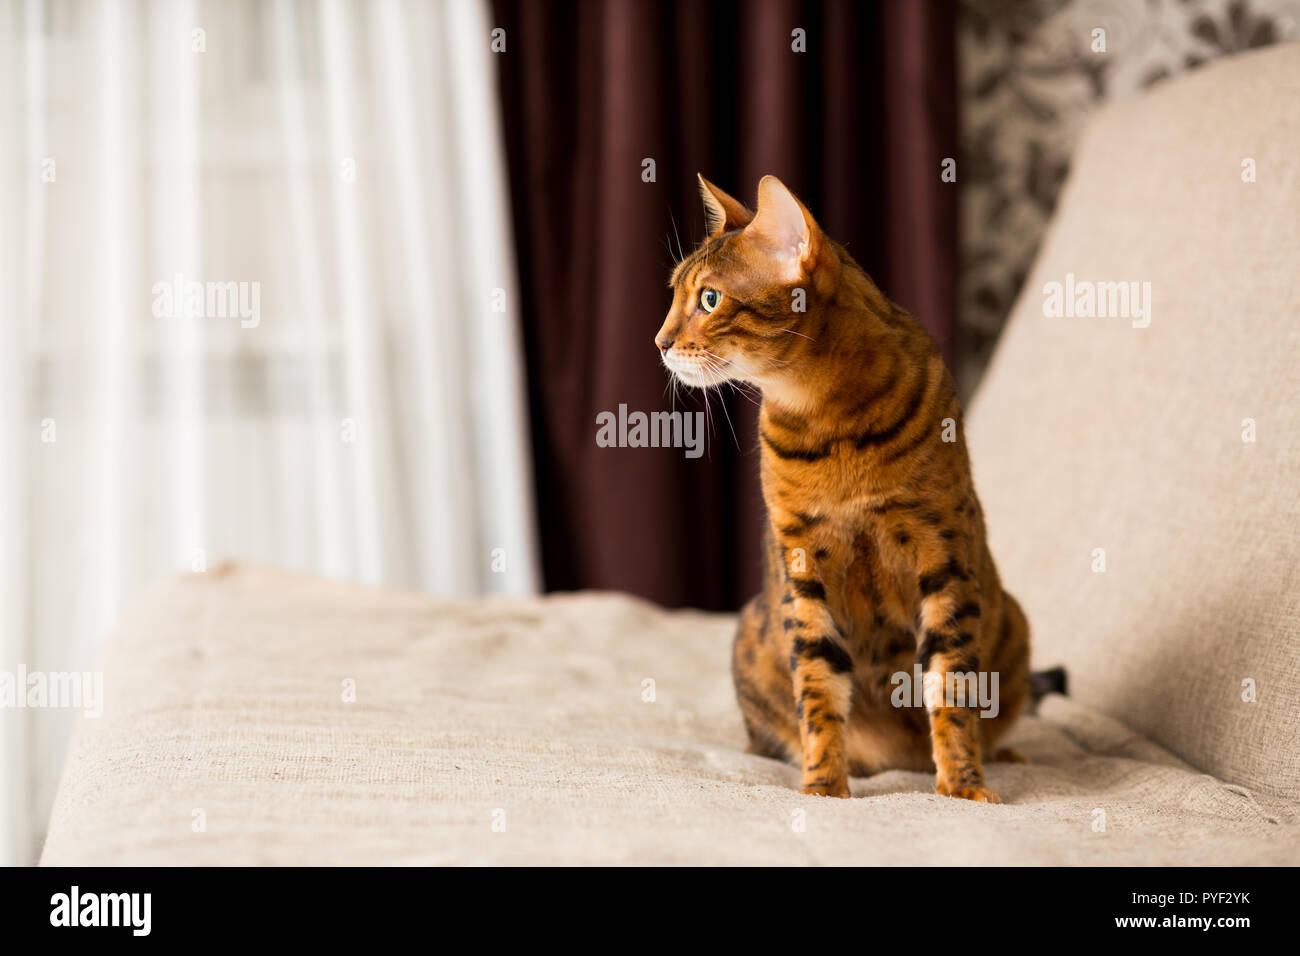 Gato bengalí adulto sentado en el sofá Imagen De Stock